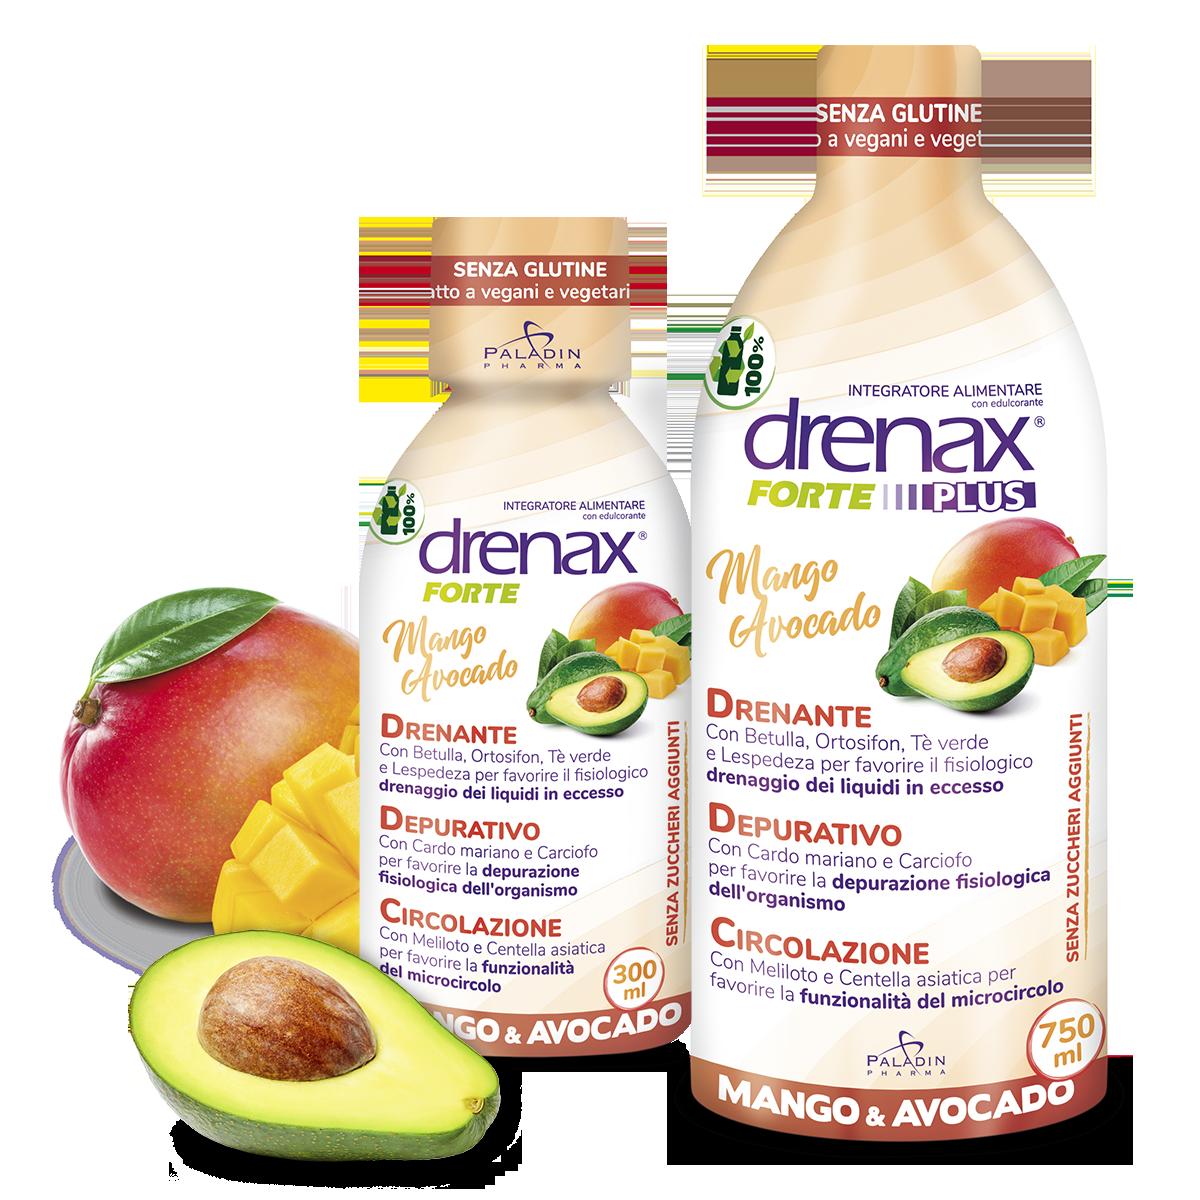 Drenax Forte Mango & Avocado